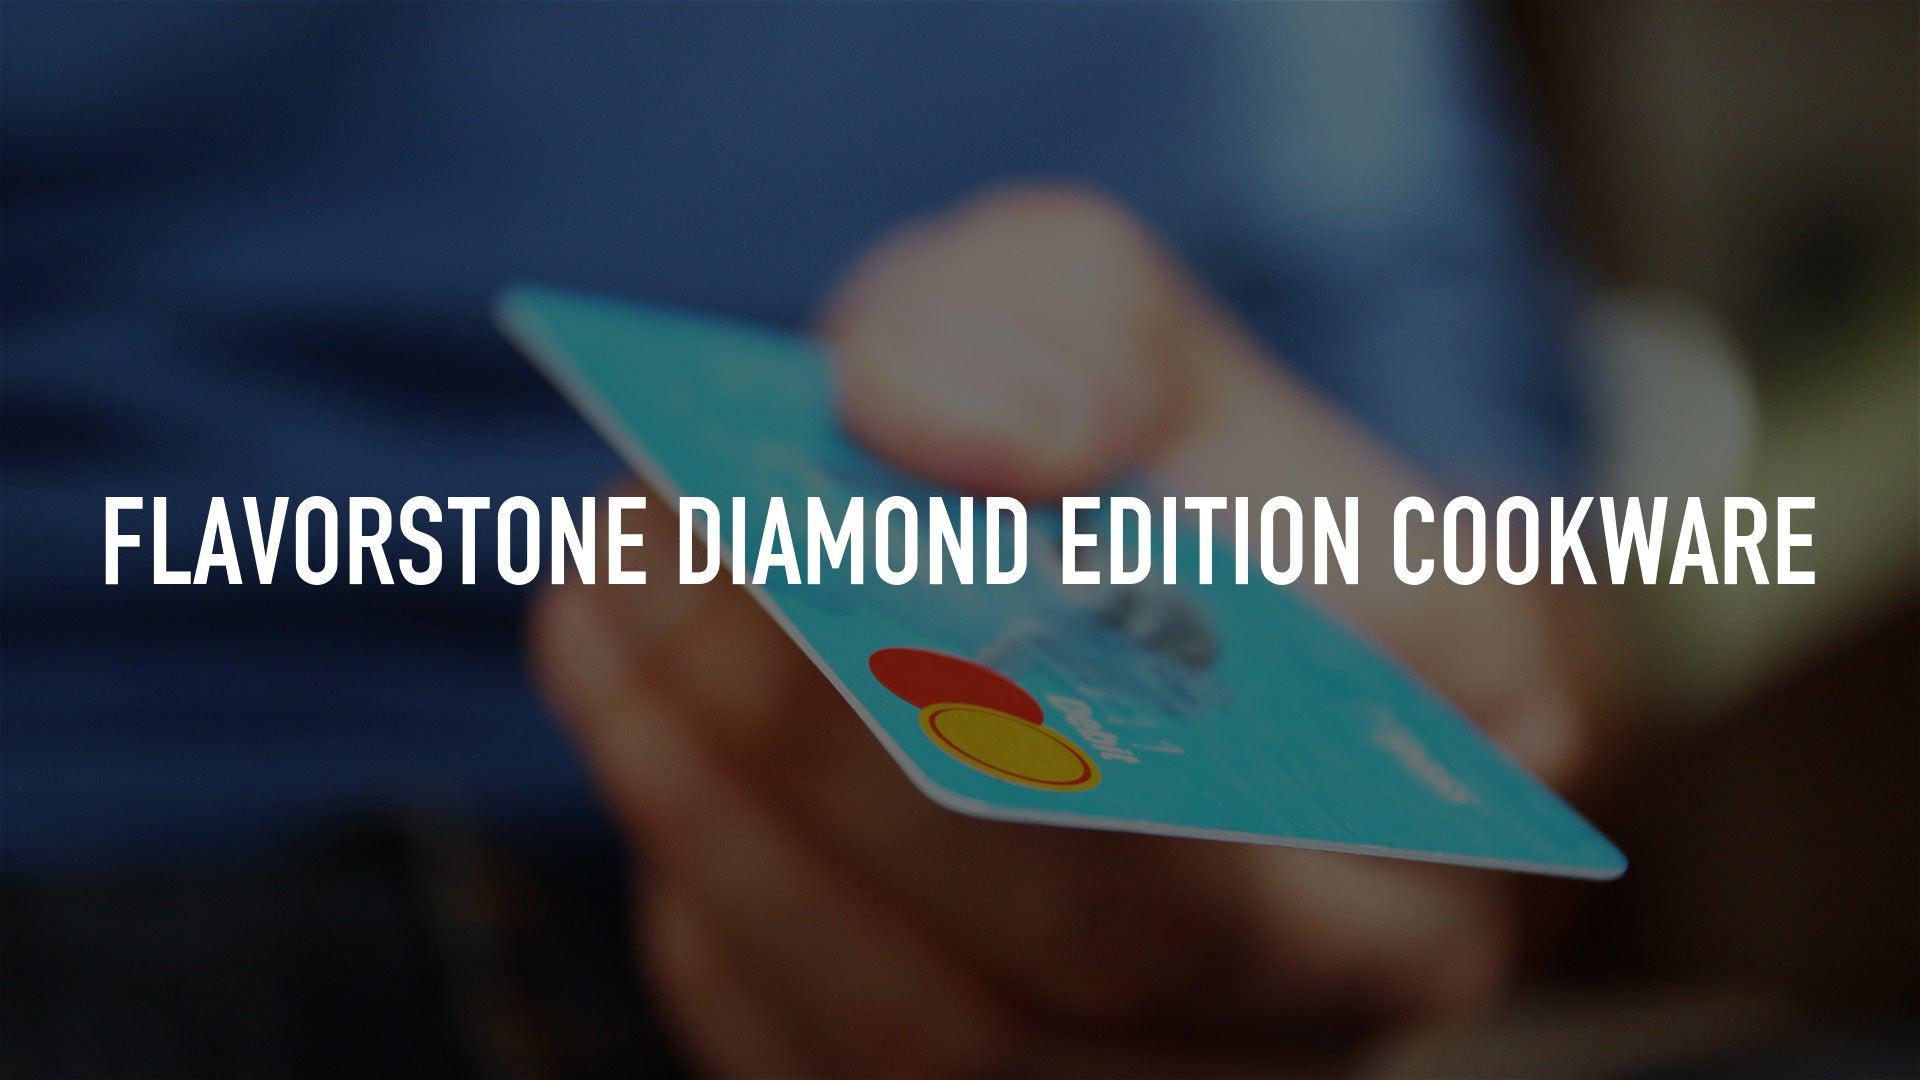 FLAVORSTONE DIAMOND EDITION COOKWARE